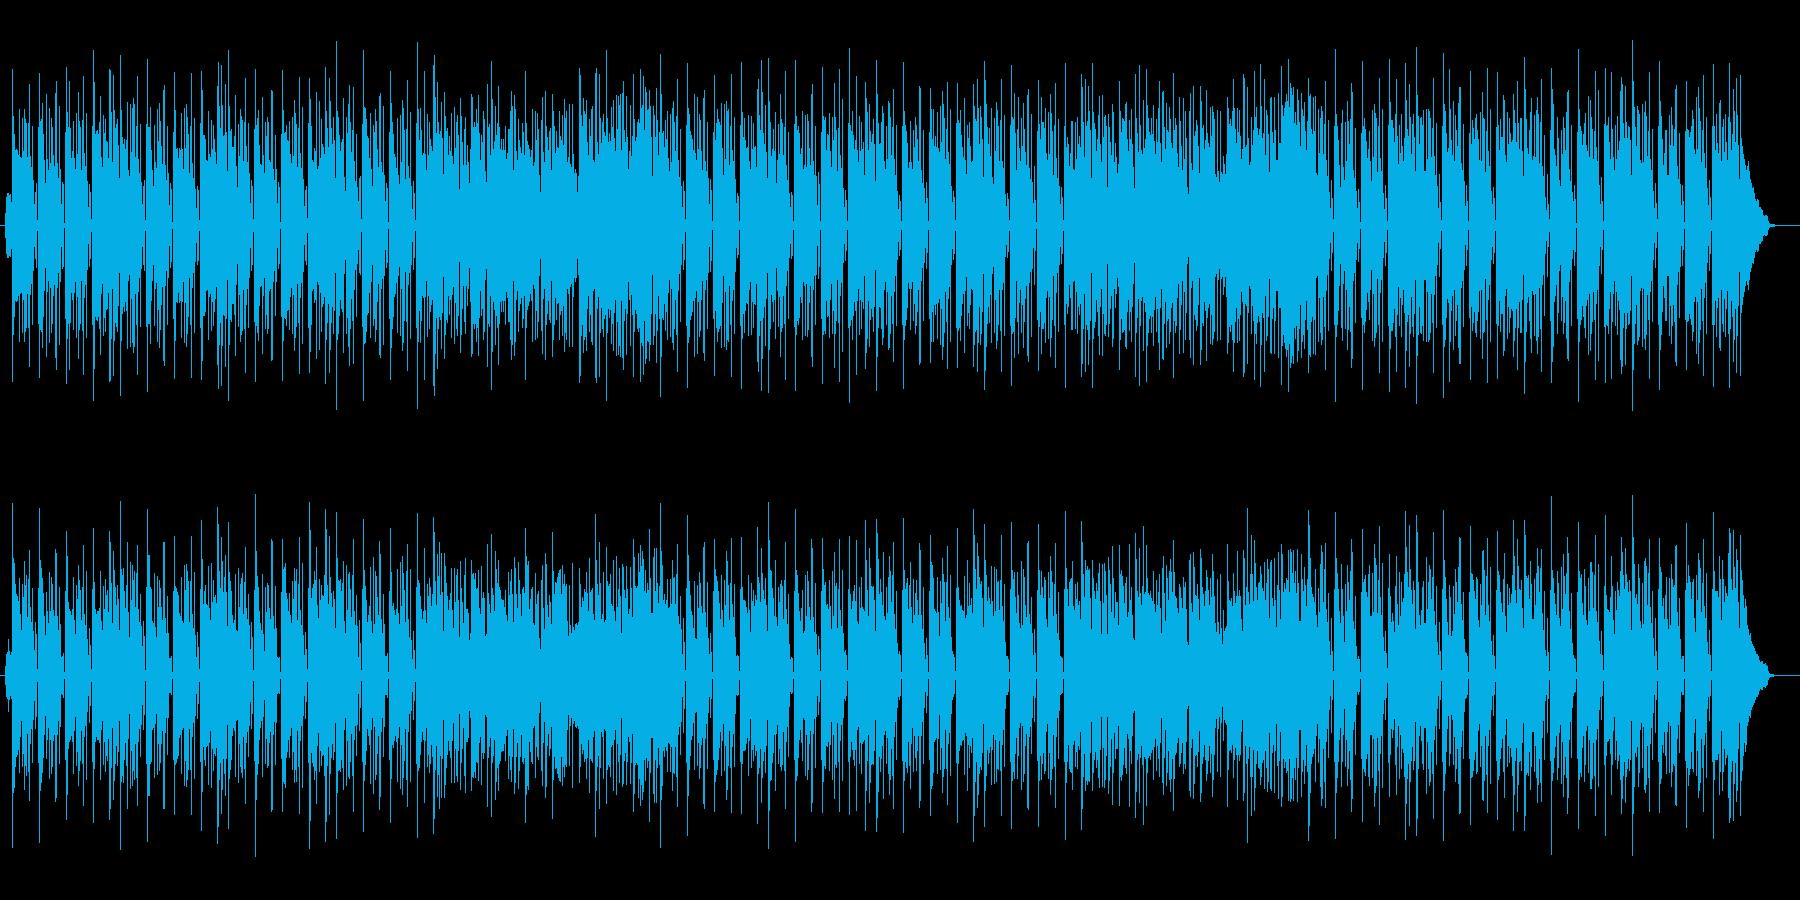 明るく安らぎのあるミュージックの再生済みの波形